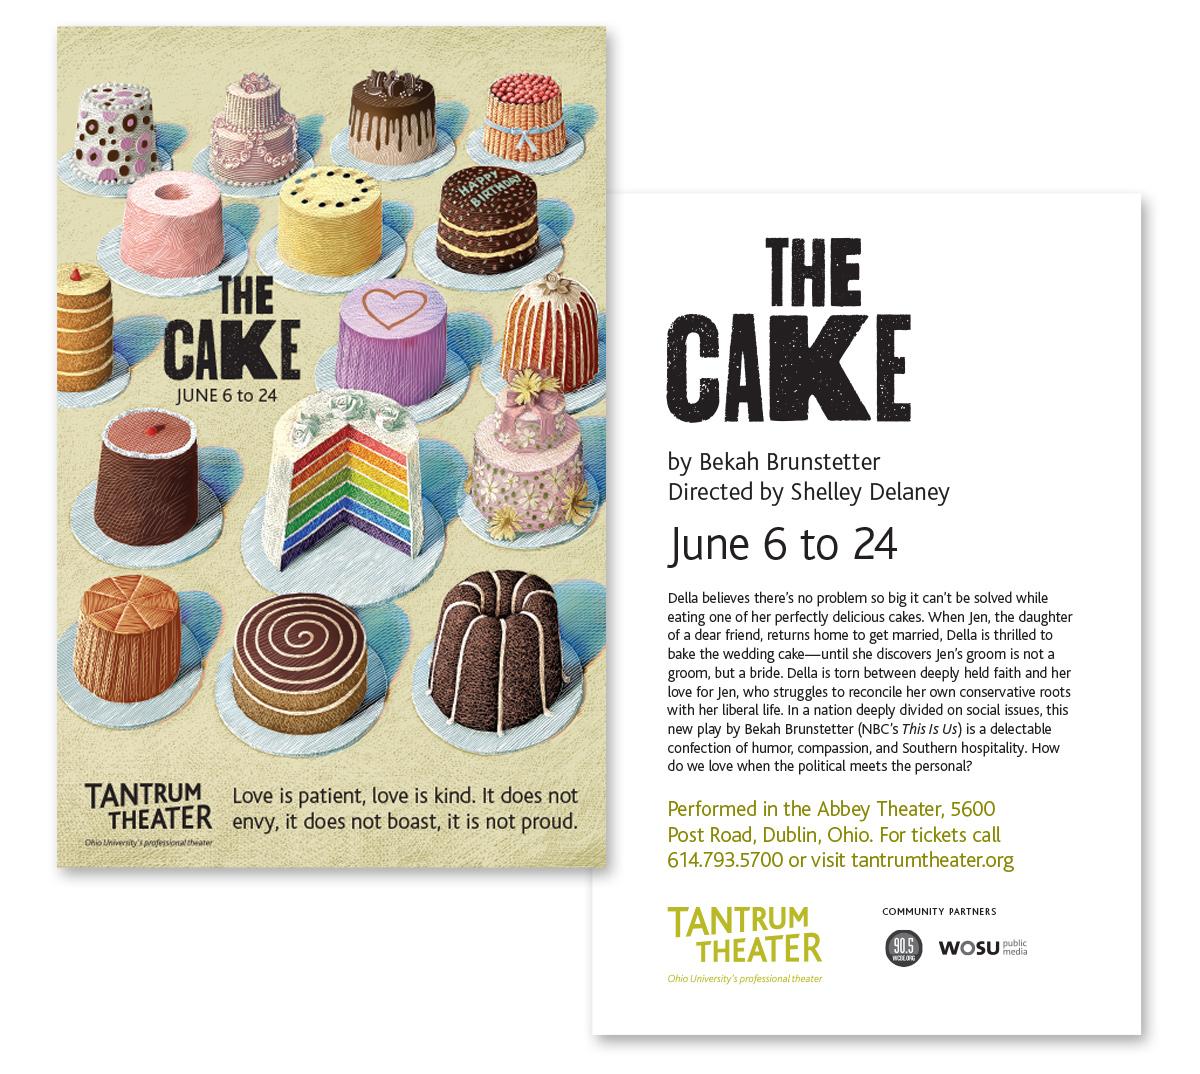 THEATRE-Tantrum-cake